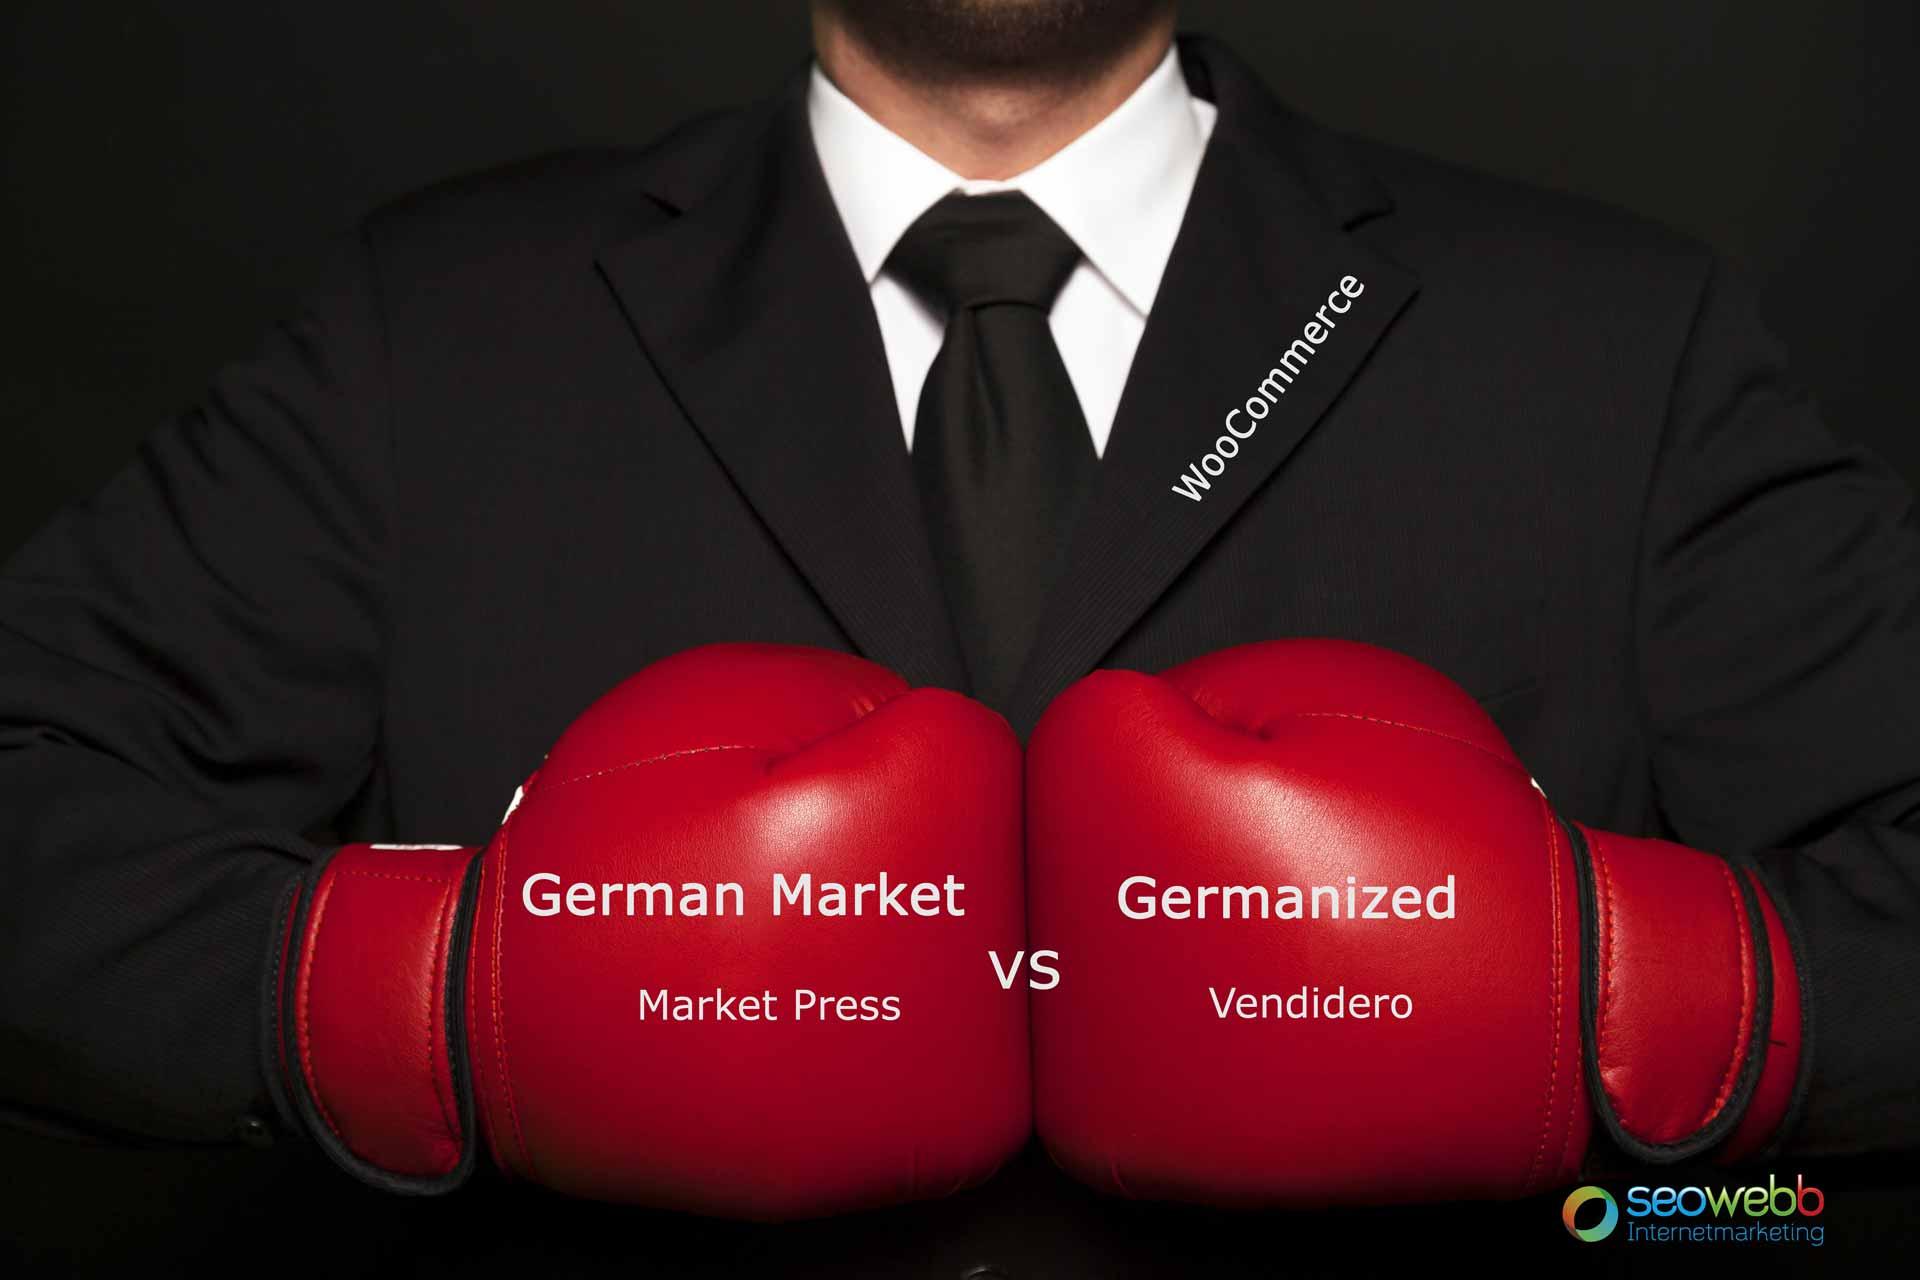 Um einen WooCommerce Shop rechtssicher betreiben zu können, brauchen Sie entweder das Tool WooCommerce German Market oder WooCommerce Germanized. Wir erklären Vor- und Nachteile der jeweiligen Tools.